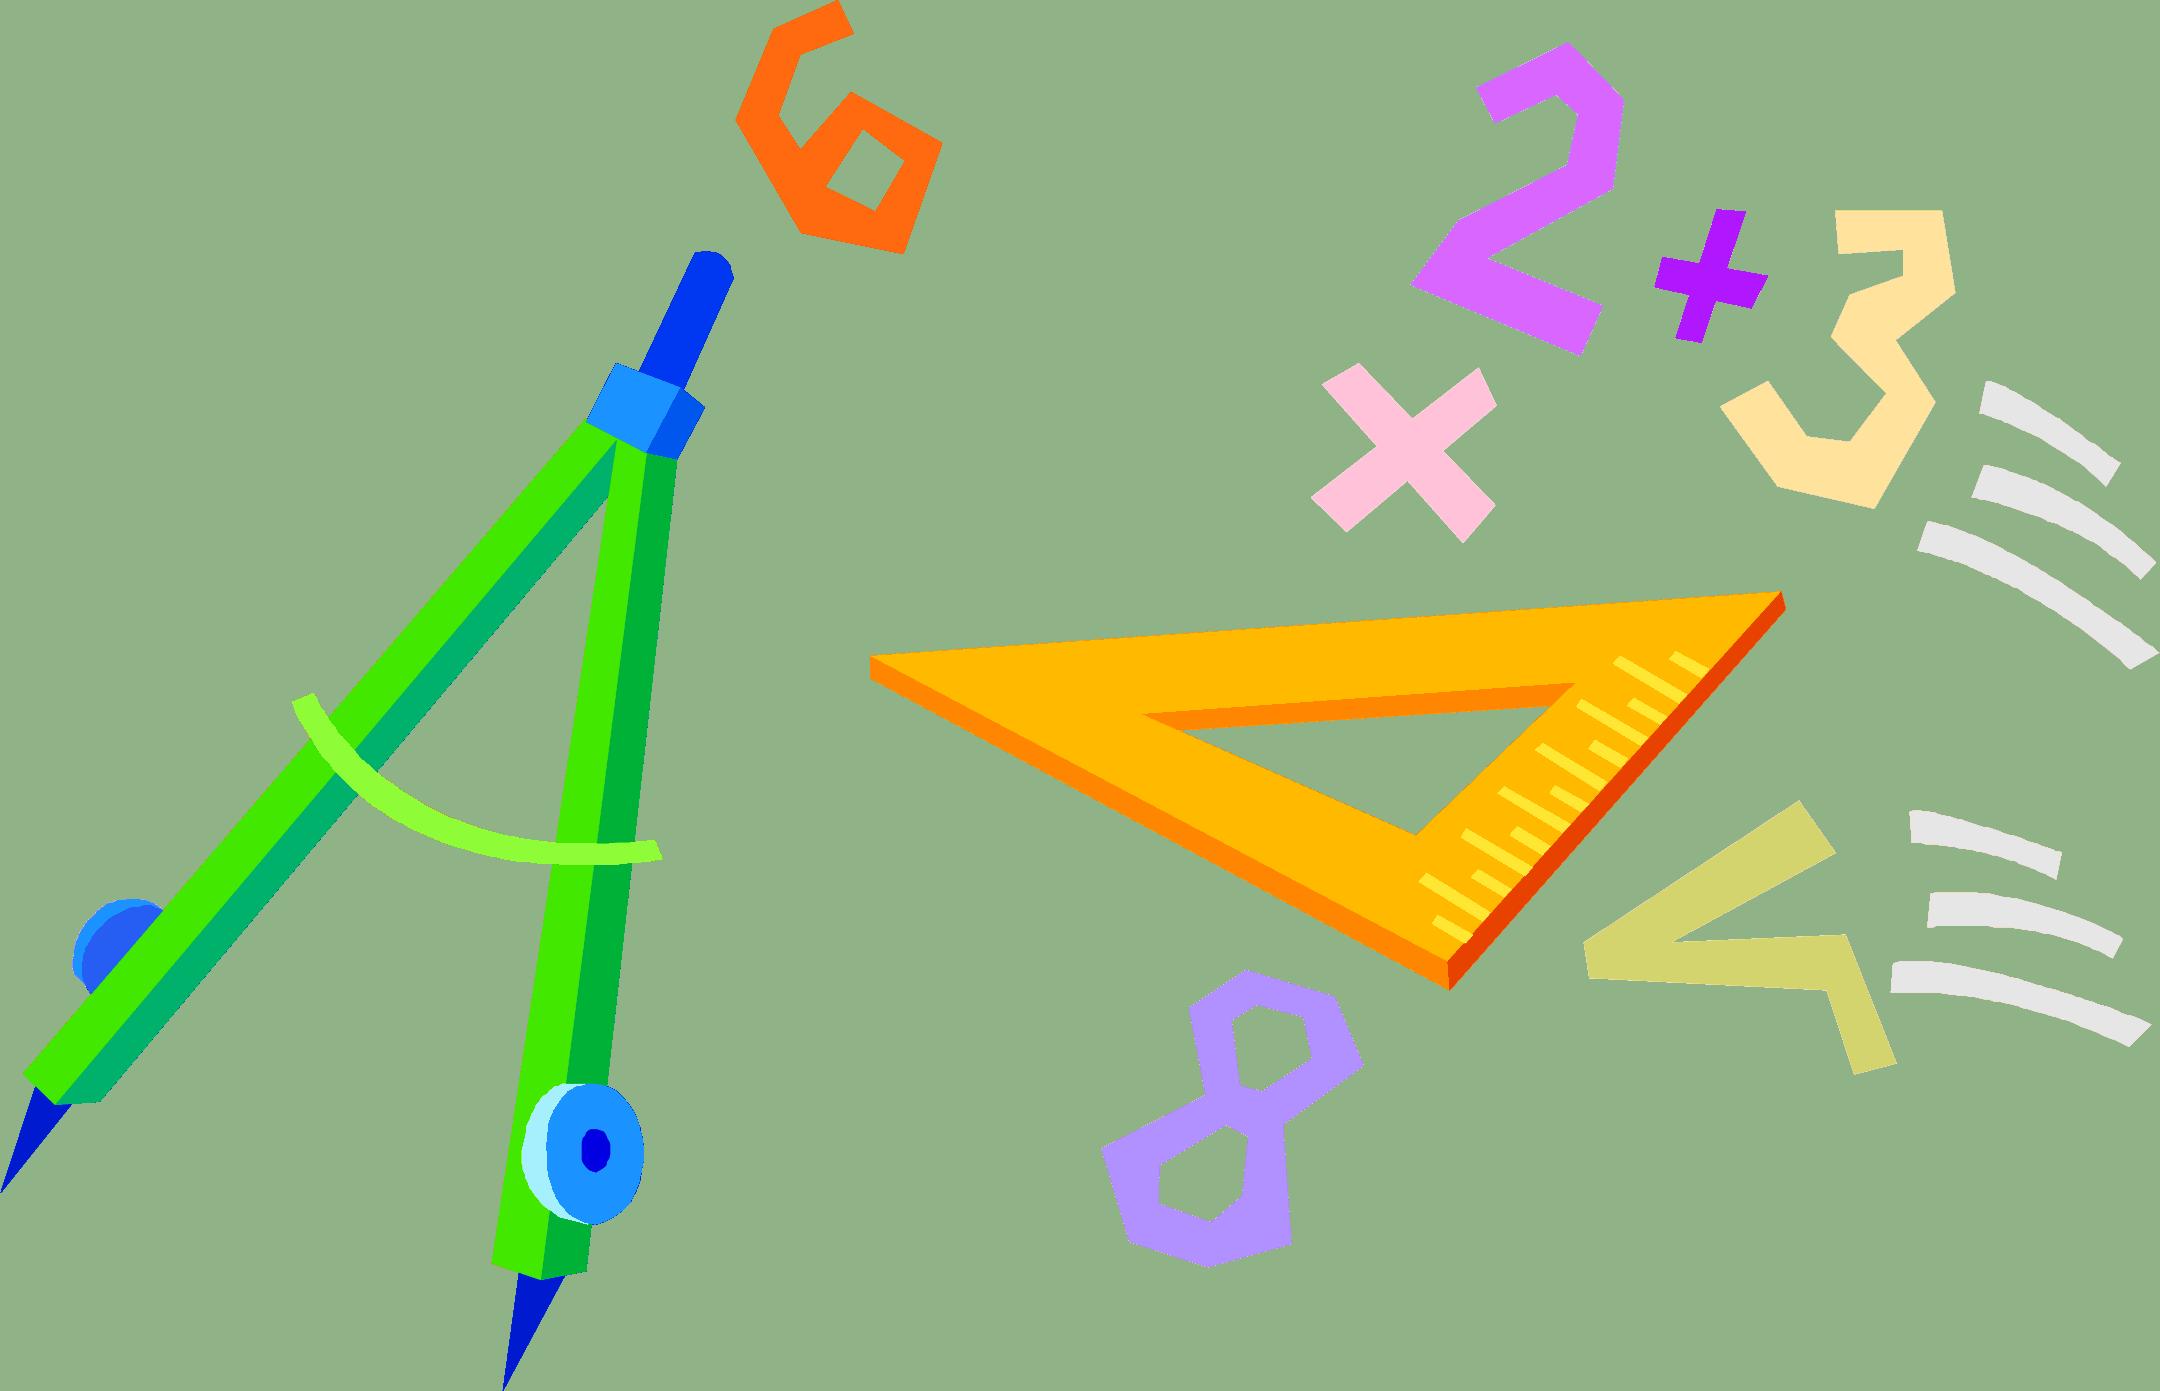 اهمية الرياضيات في حياتنا ويكيبيديا موسوعة